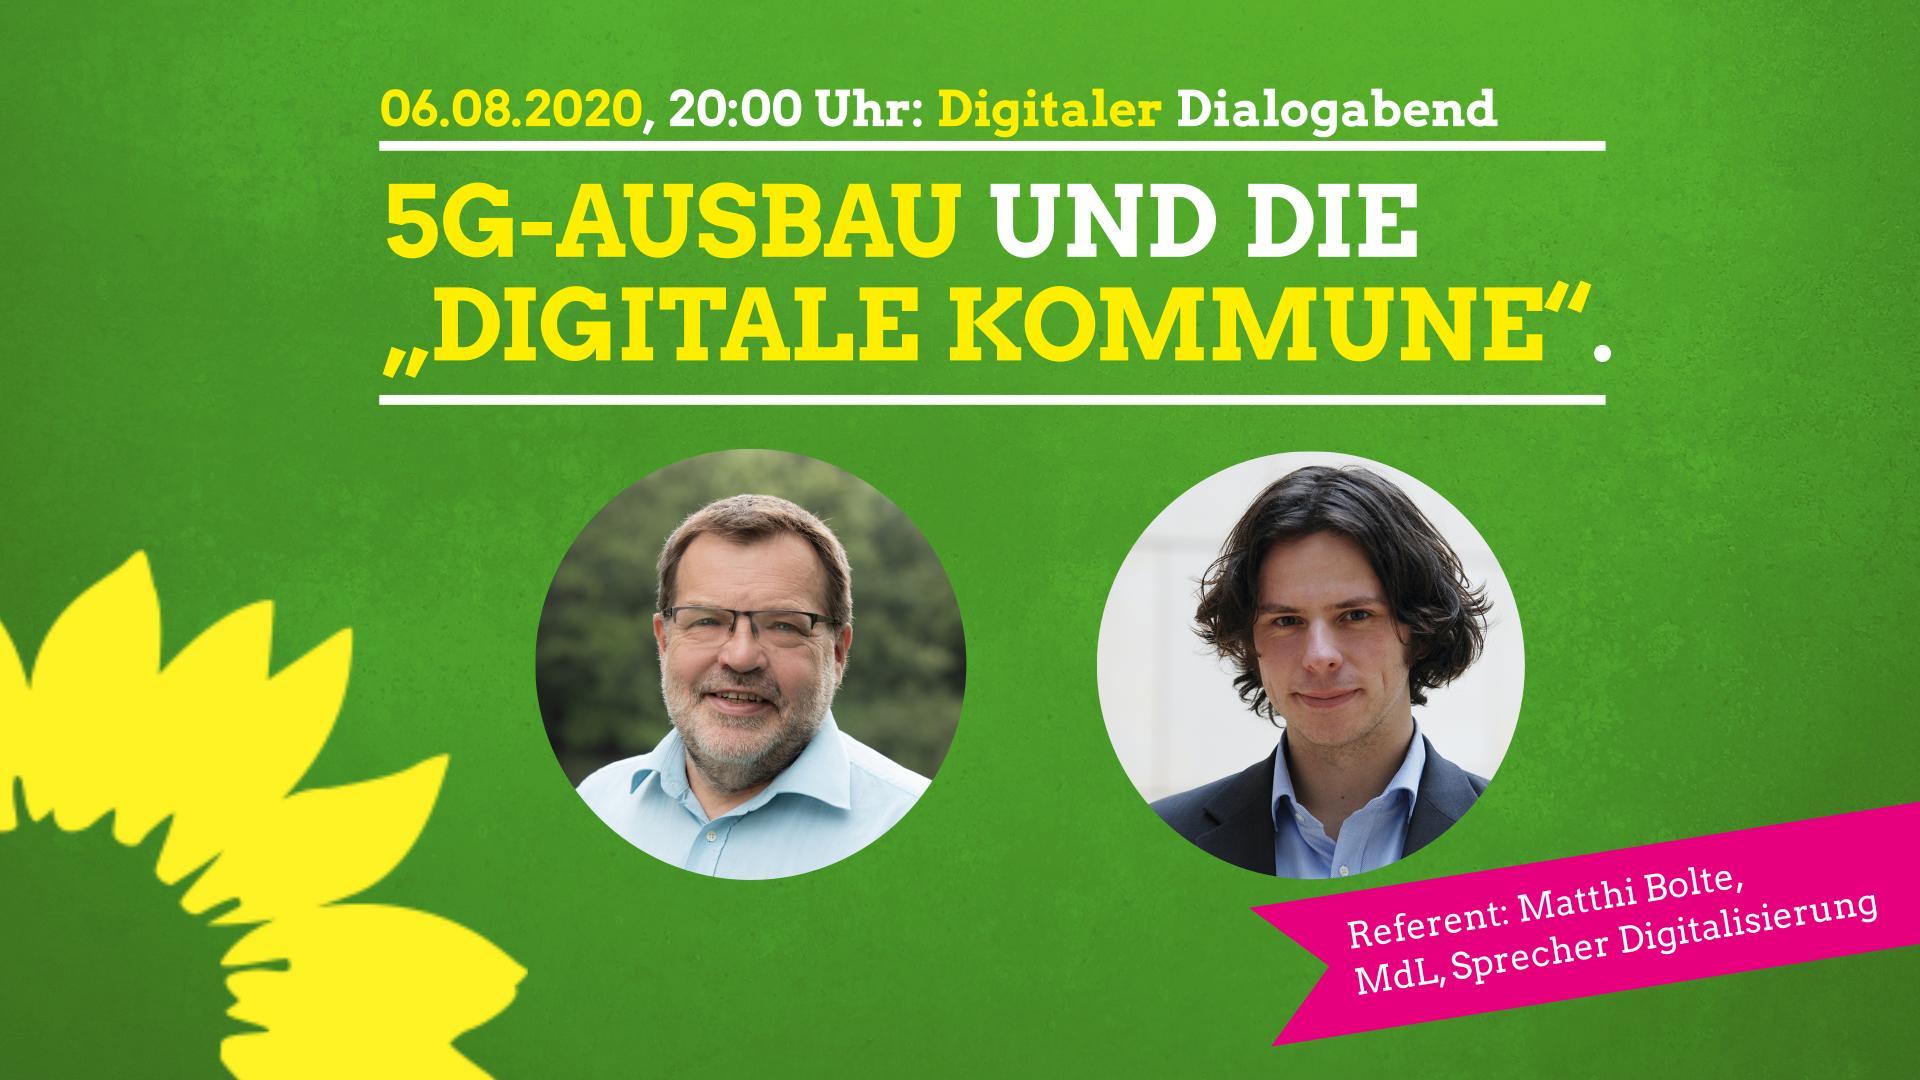 """Digitaler Dialogabend: 5G Ausbau und """"Digitale Kommune"""""""